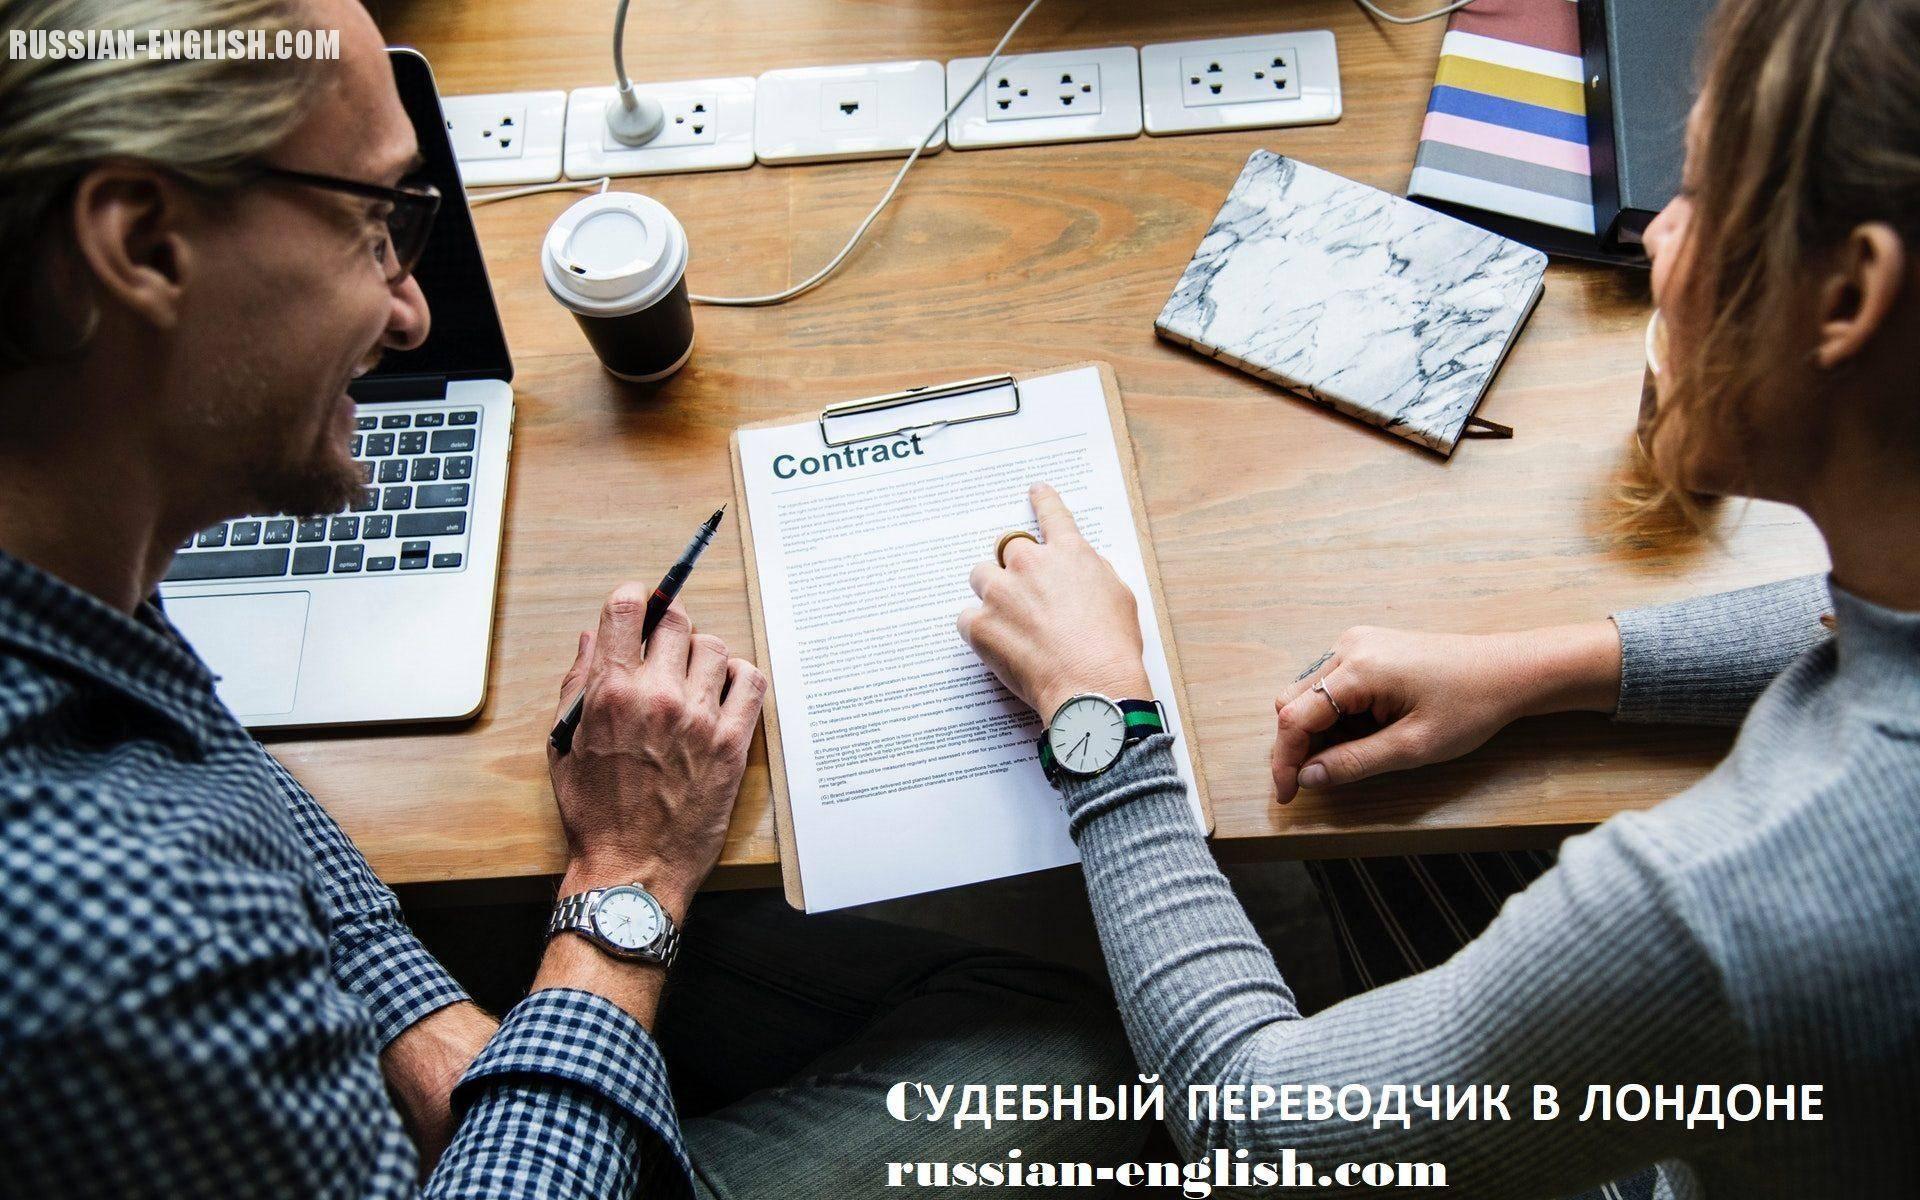 CУДЕБНЫЙ ПЕРЕВОДЧИК В ЛОНДОНЕ